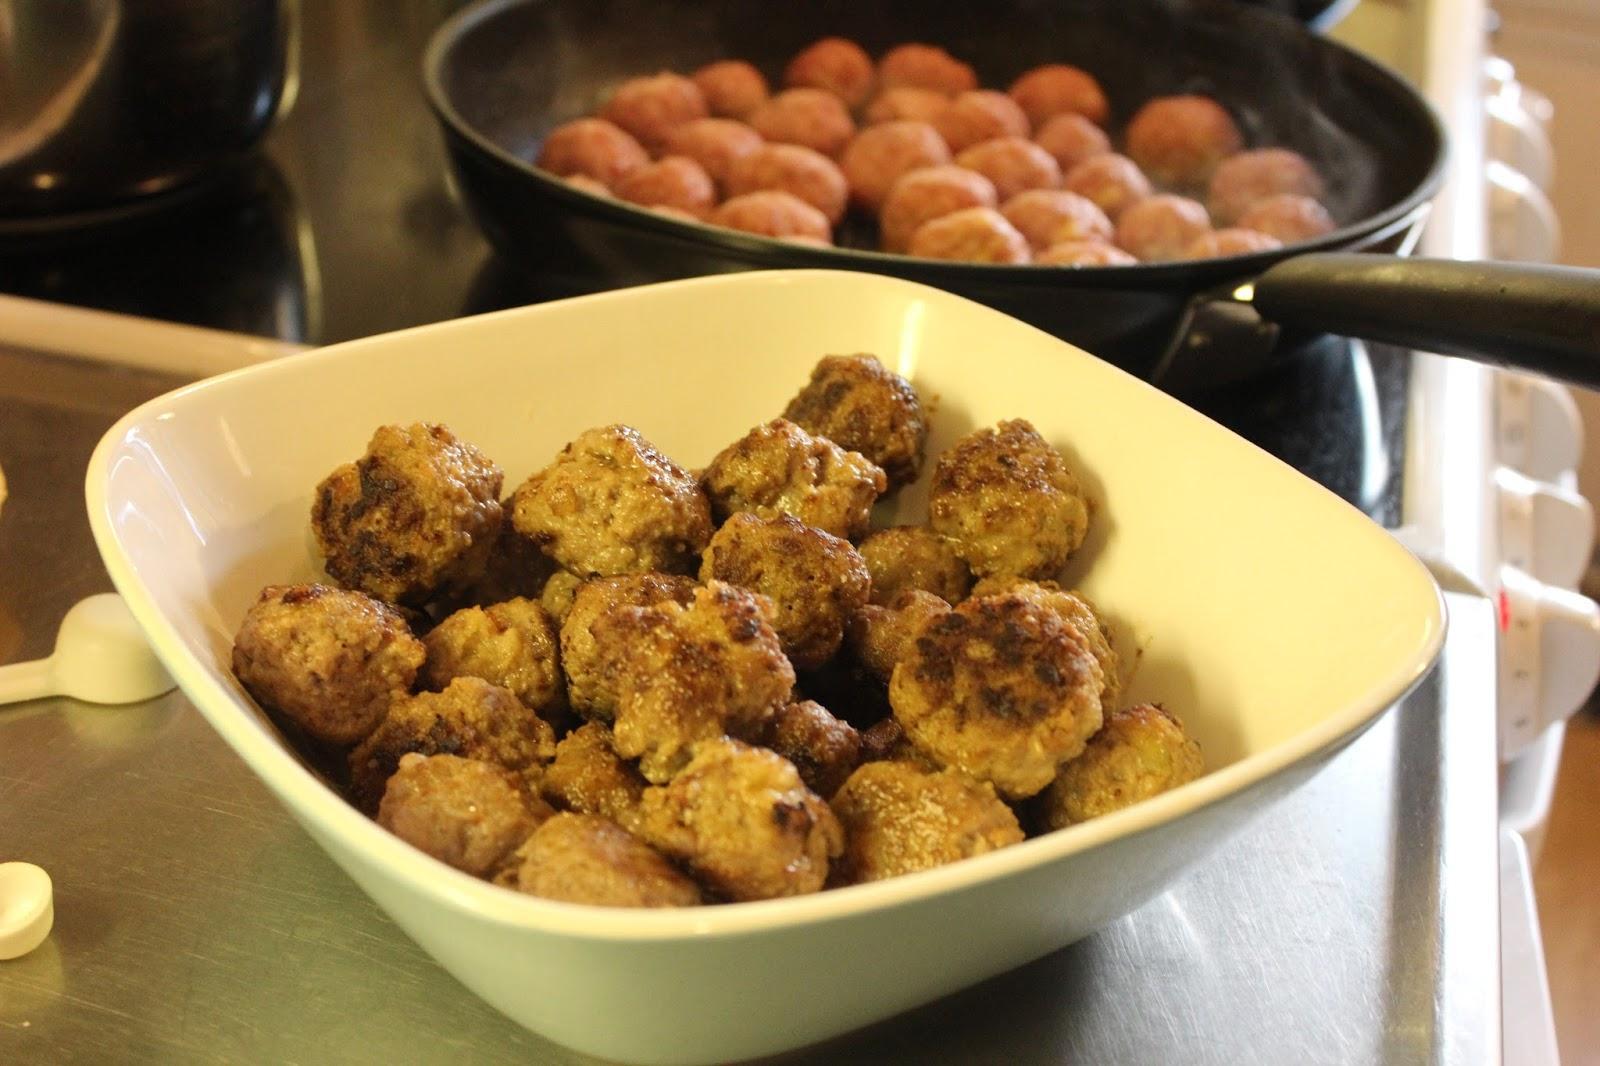 recept köttbullar per morberg